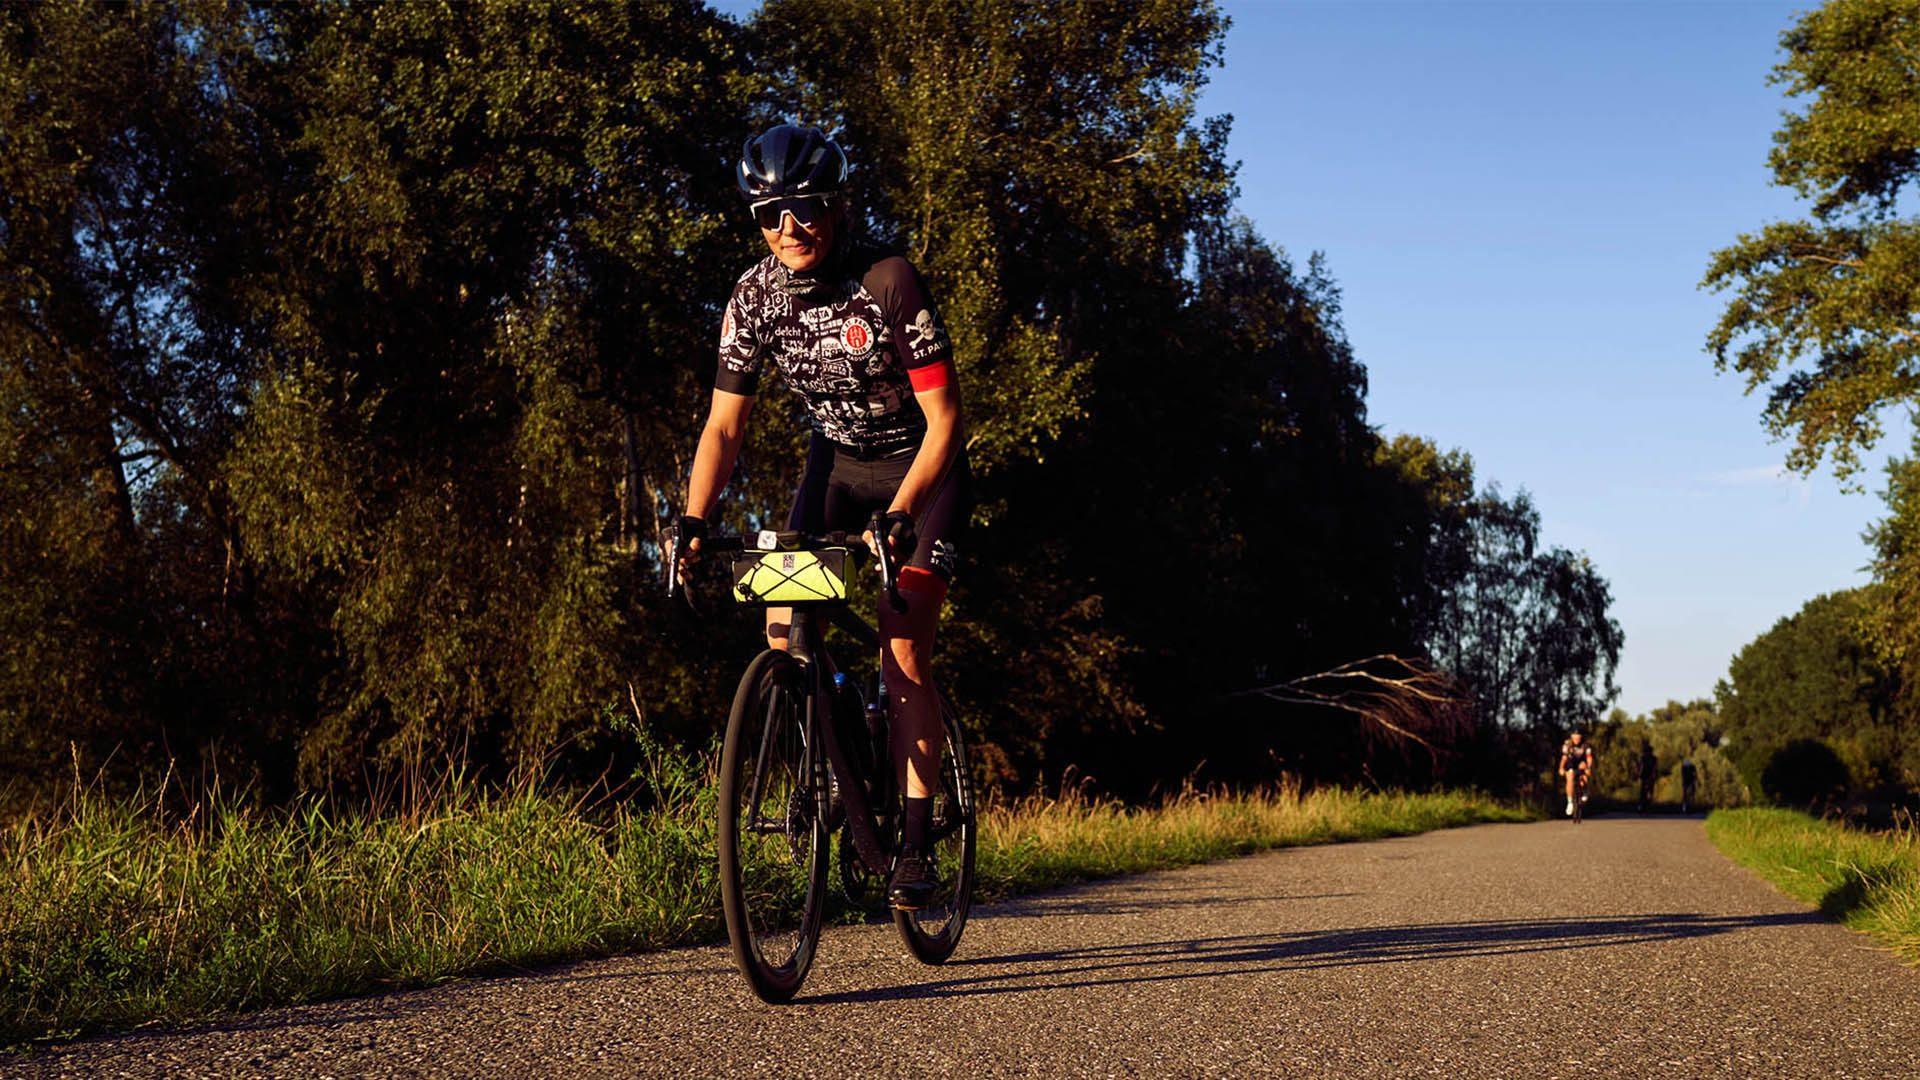 Johanna Jahnke auf ihrem Fahrrad in der Natur